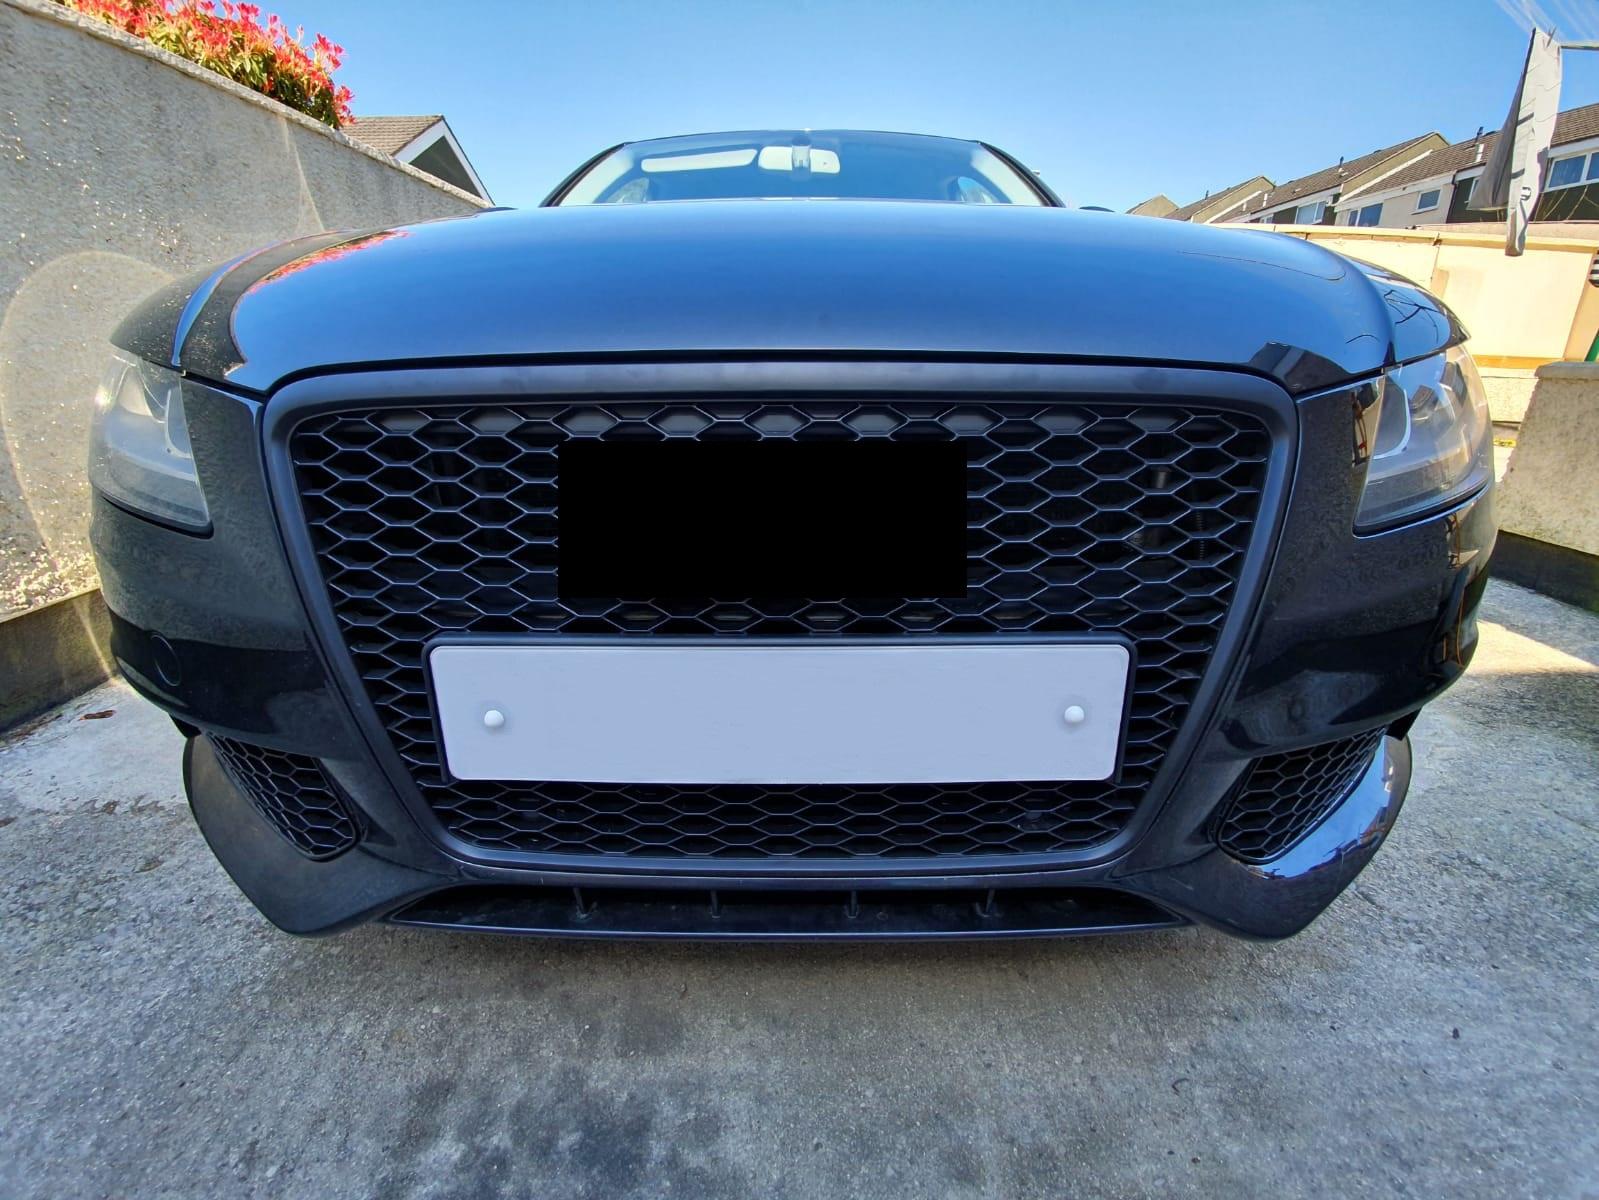 Audi A4 B8.5 RS RS4 style noir brillant en nid d/'abeille radiateur calandre pare-choc 2013-2016